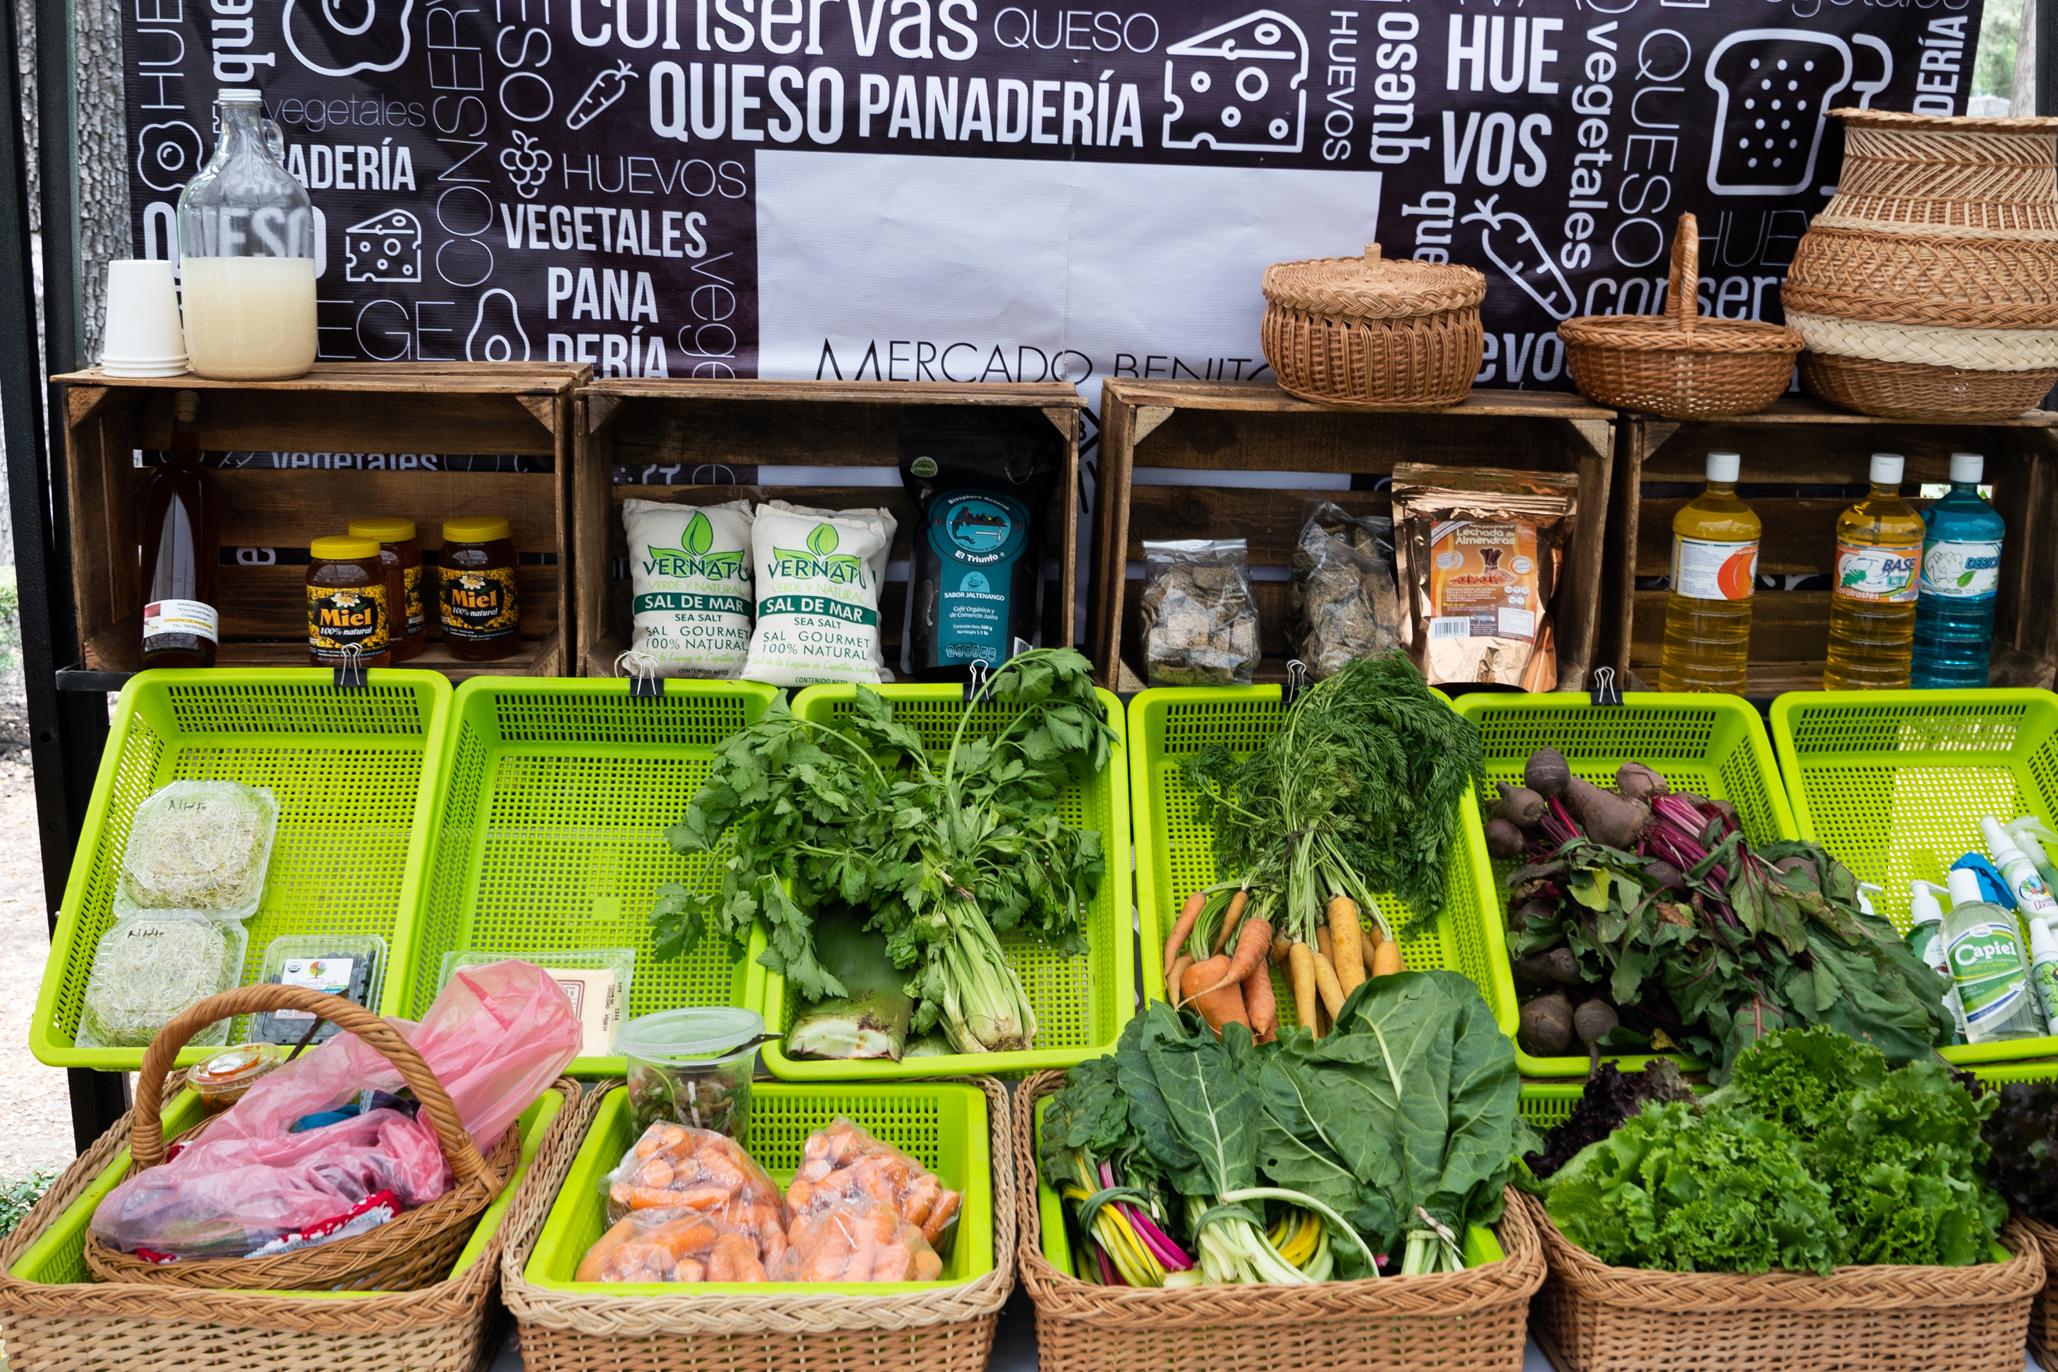 Mercado Benito